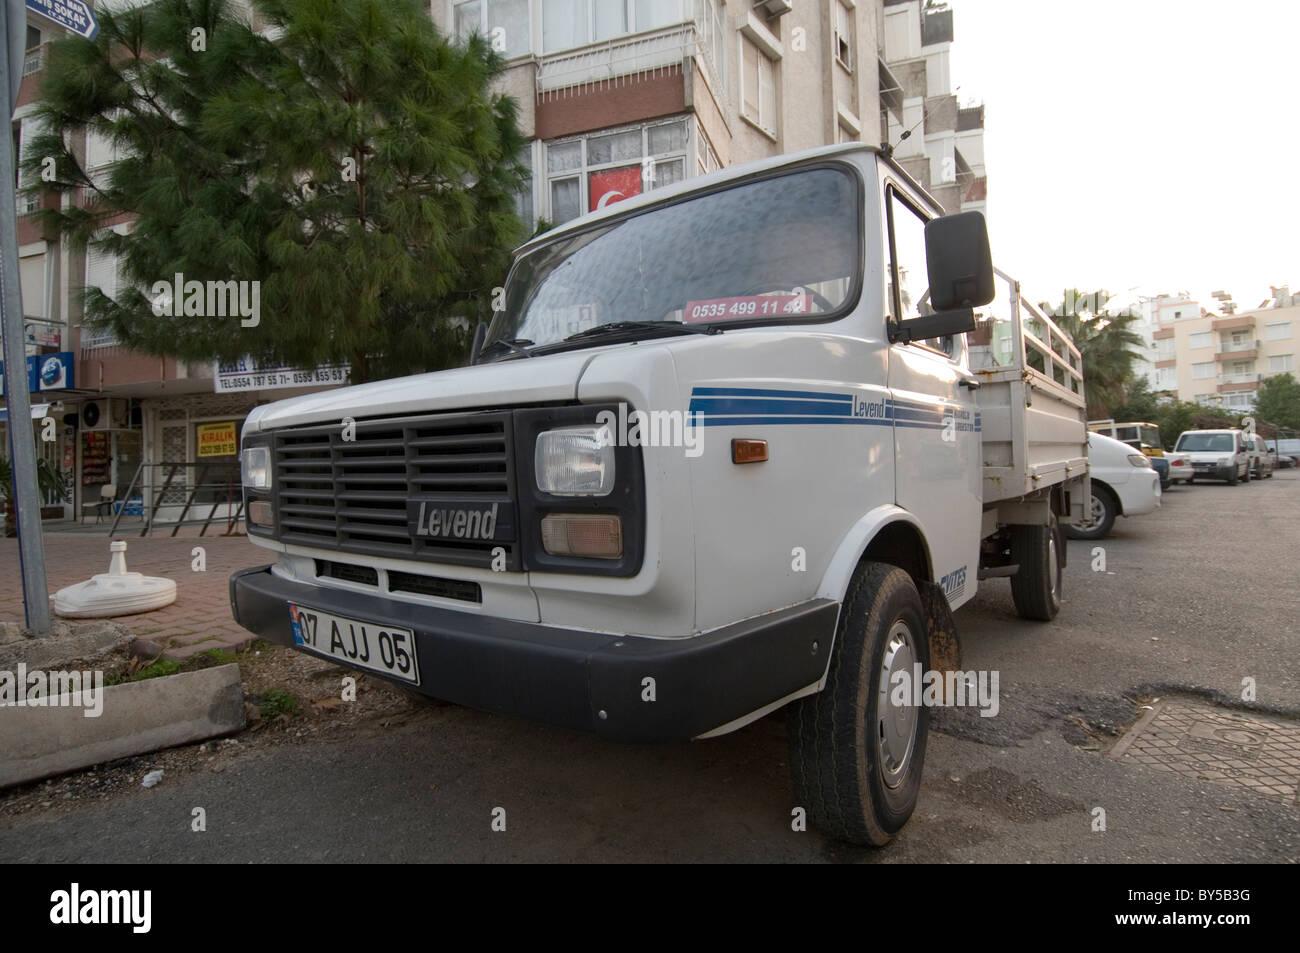 Levend sherpa van hergestellt unter lizenz von bmc bl british